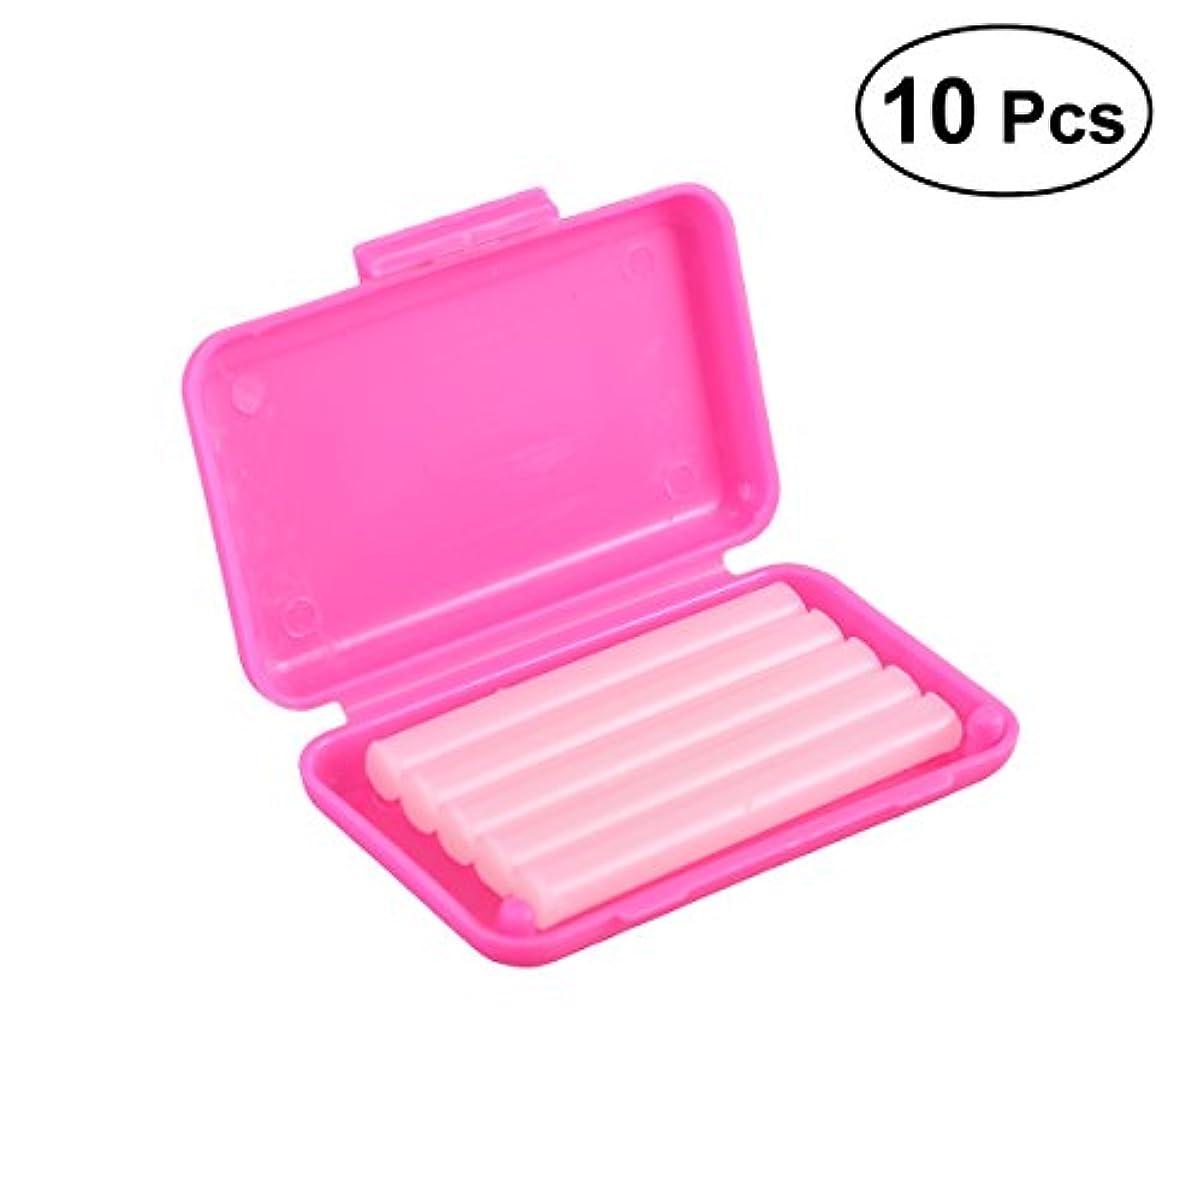 であることダーリンゴミ箱SUPVOX 10PCS歯列矯正用ワックス用保護ワックス(ピンクストロベリーフレーバー)